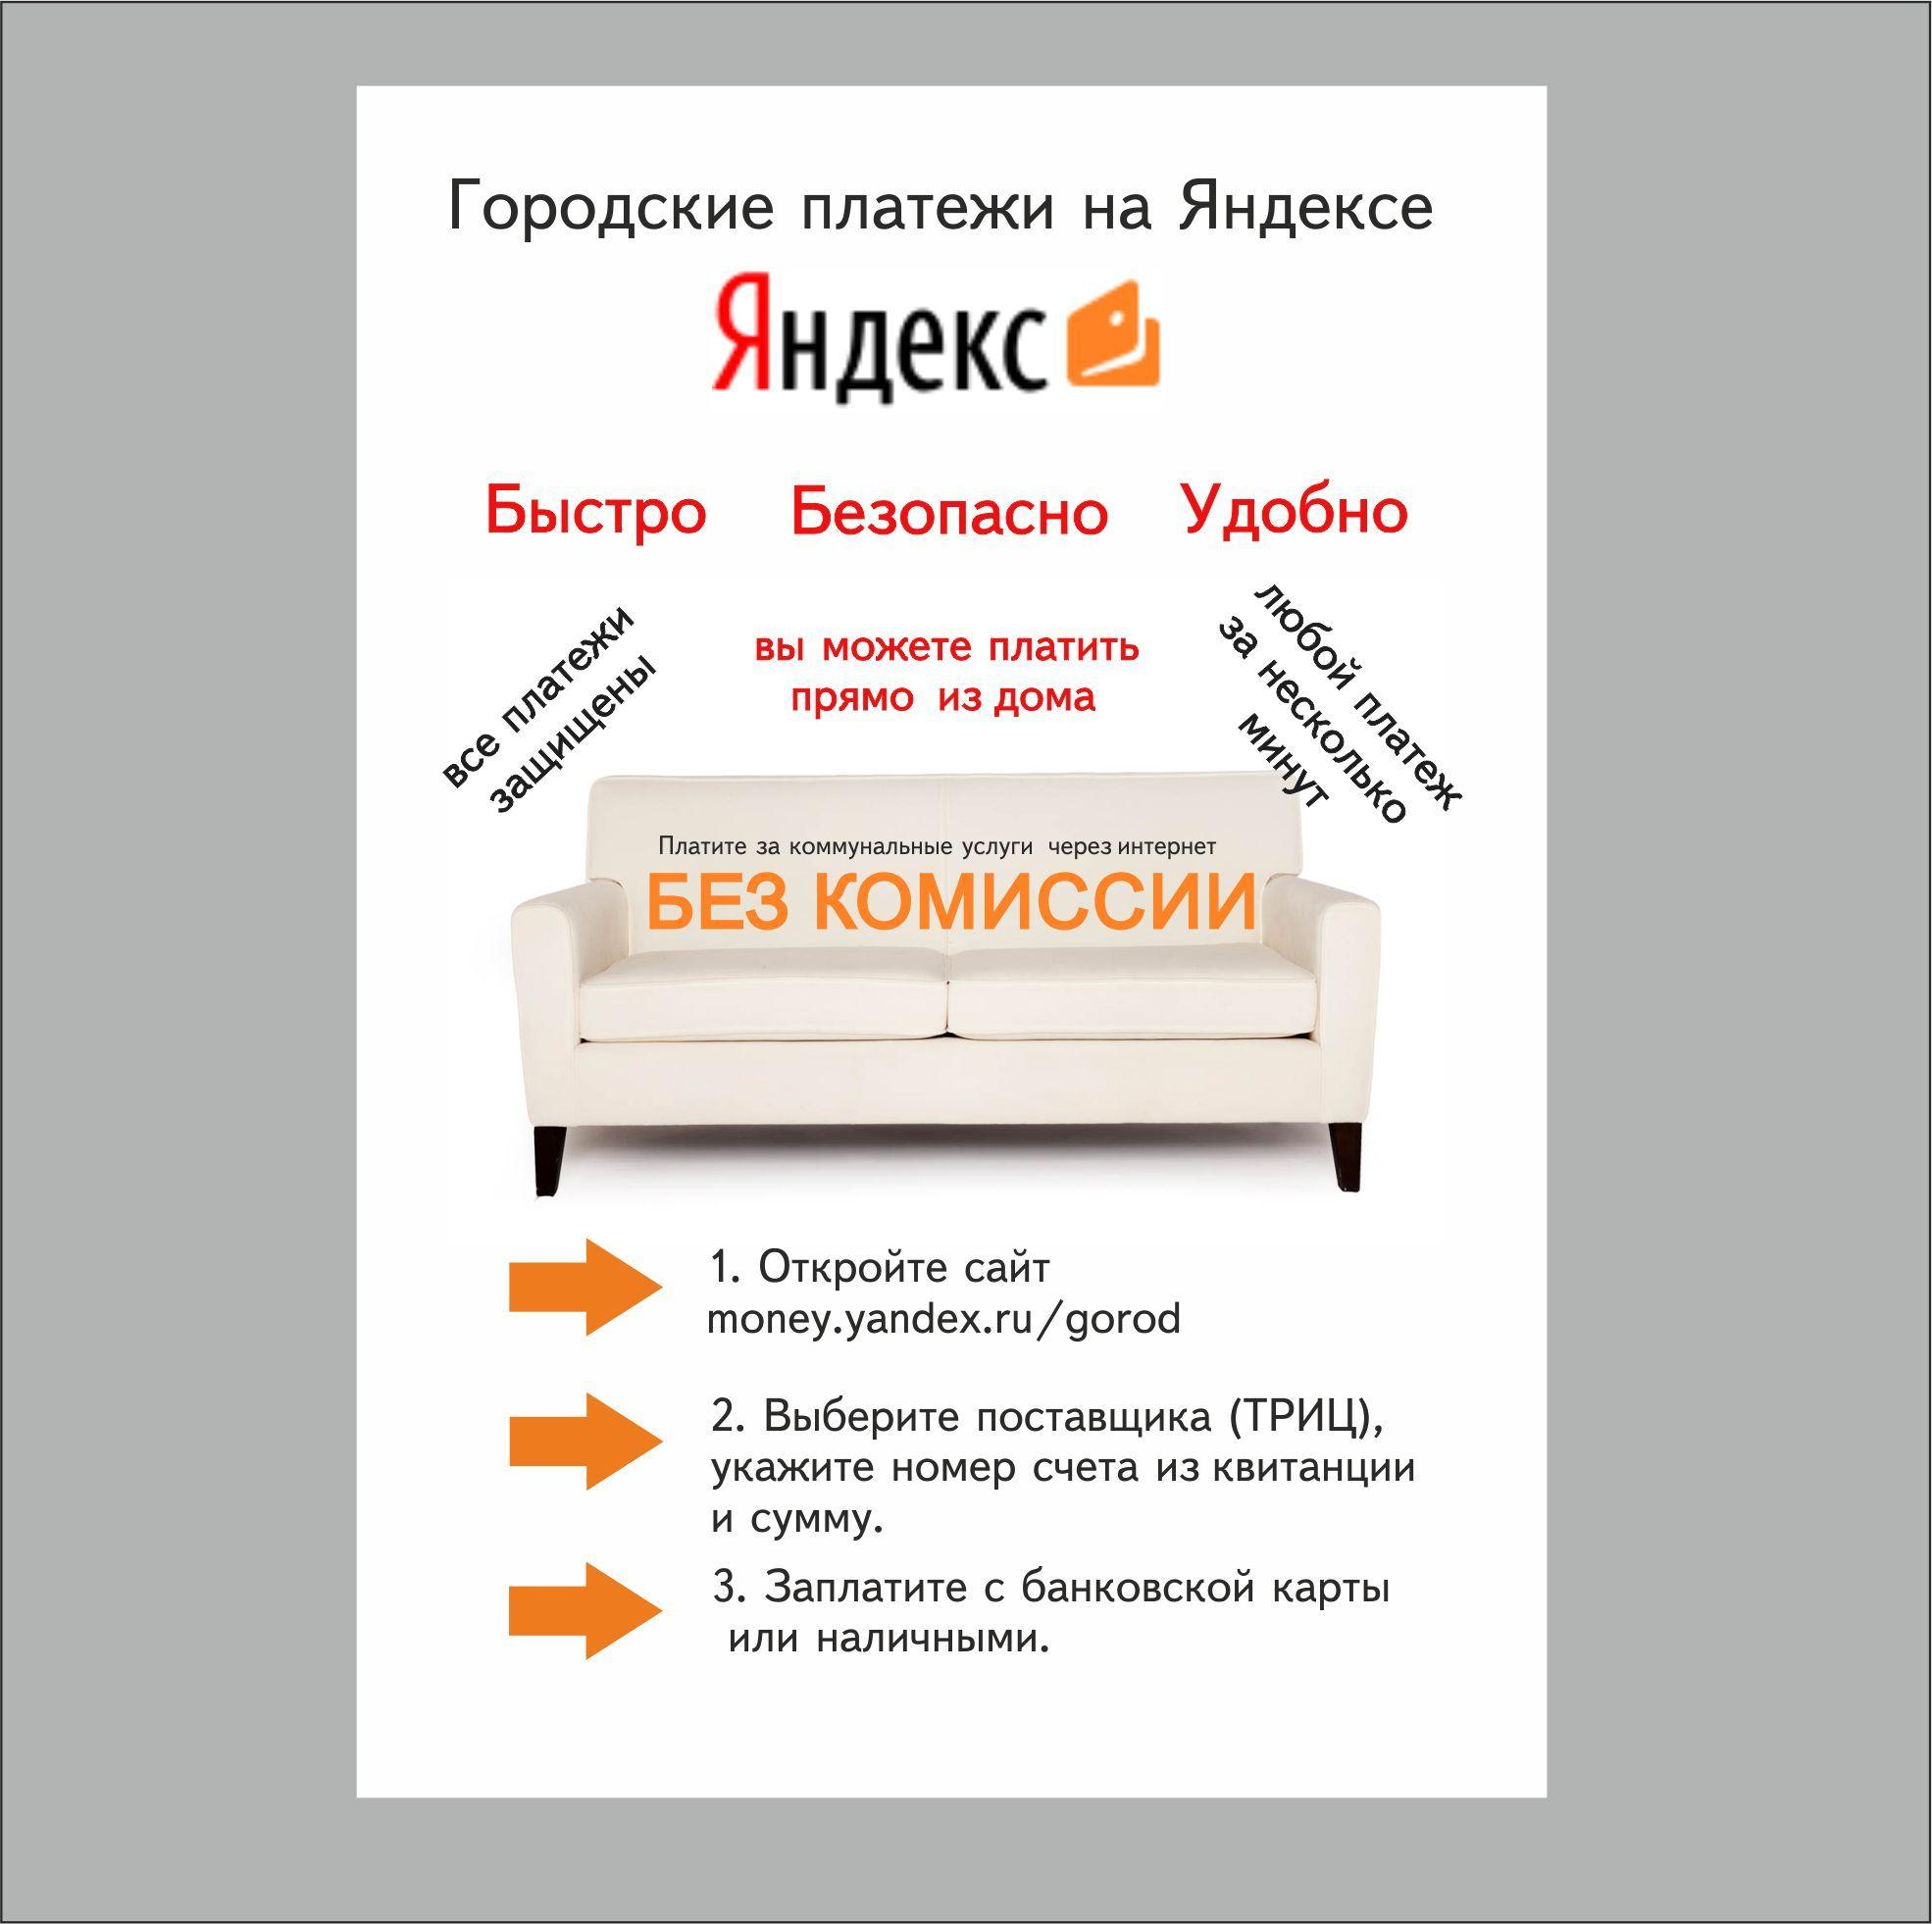 Реклама Яндекс.Денег для оплаты ЖКХ - дизайнер dbyjuhfl